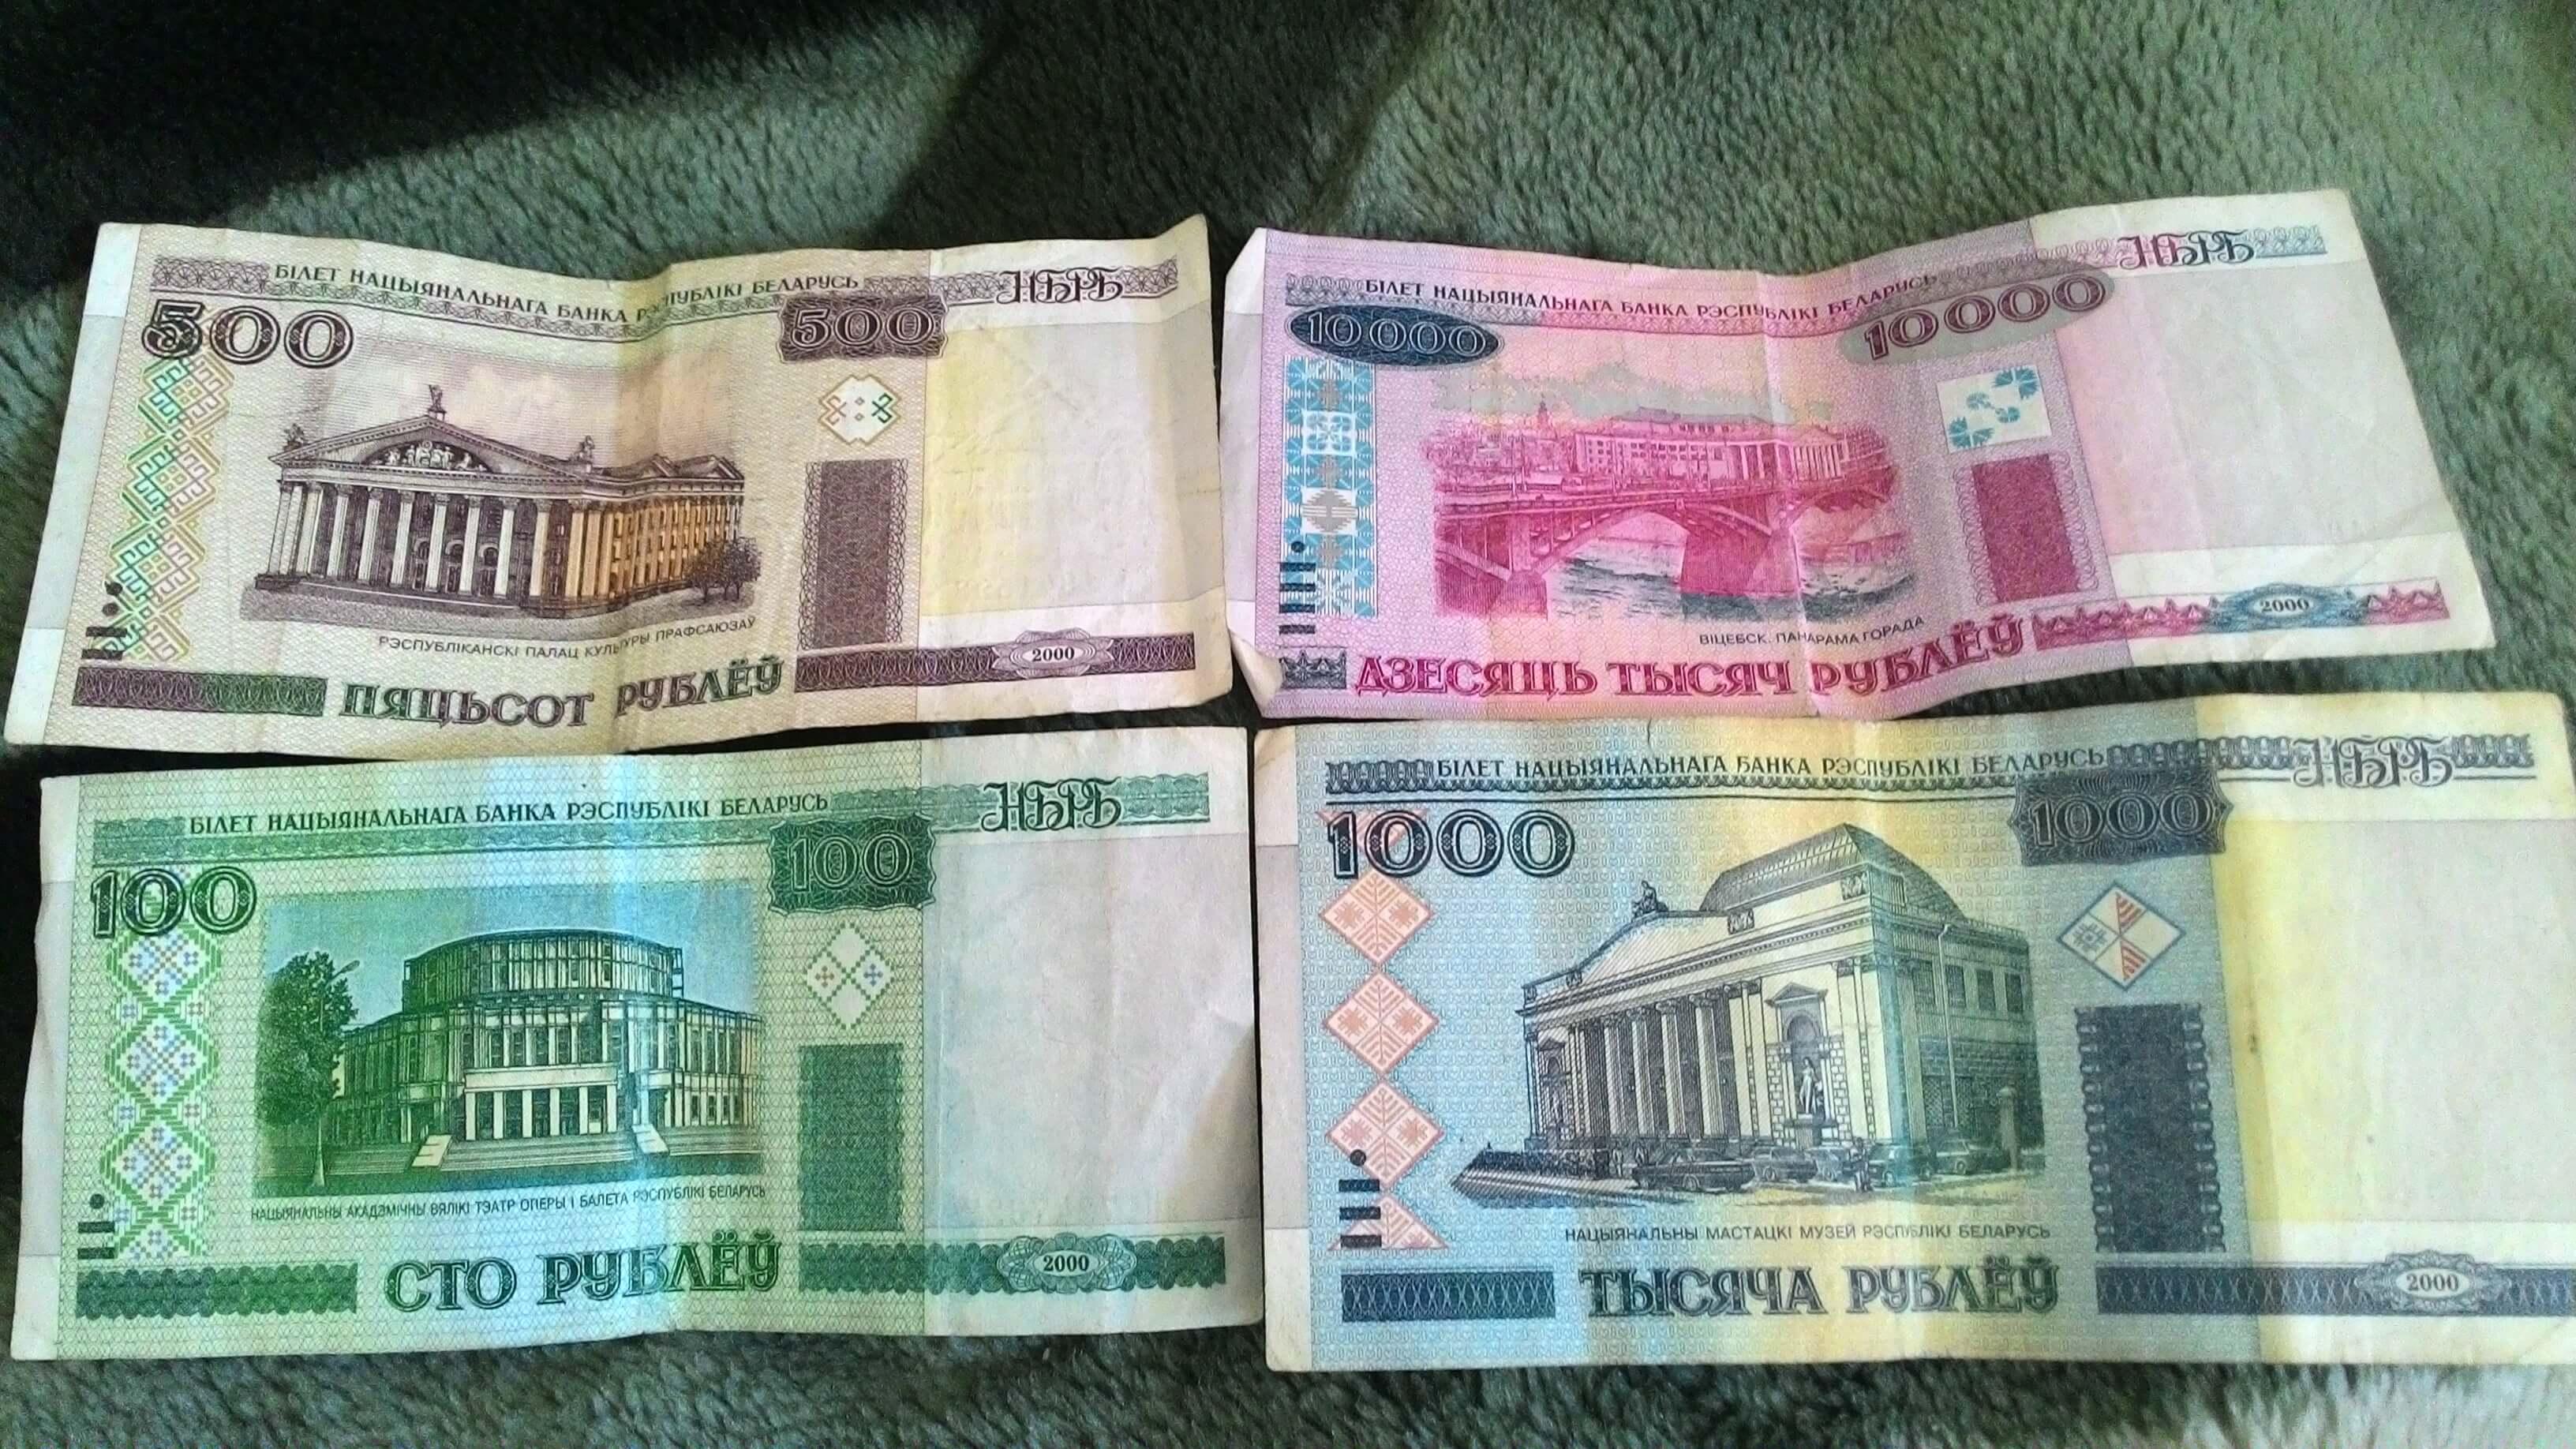 лит сколько белорусских рублей пойти детьми